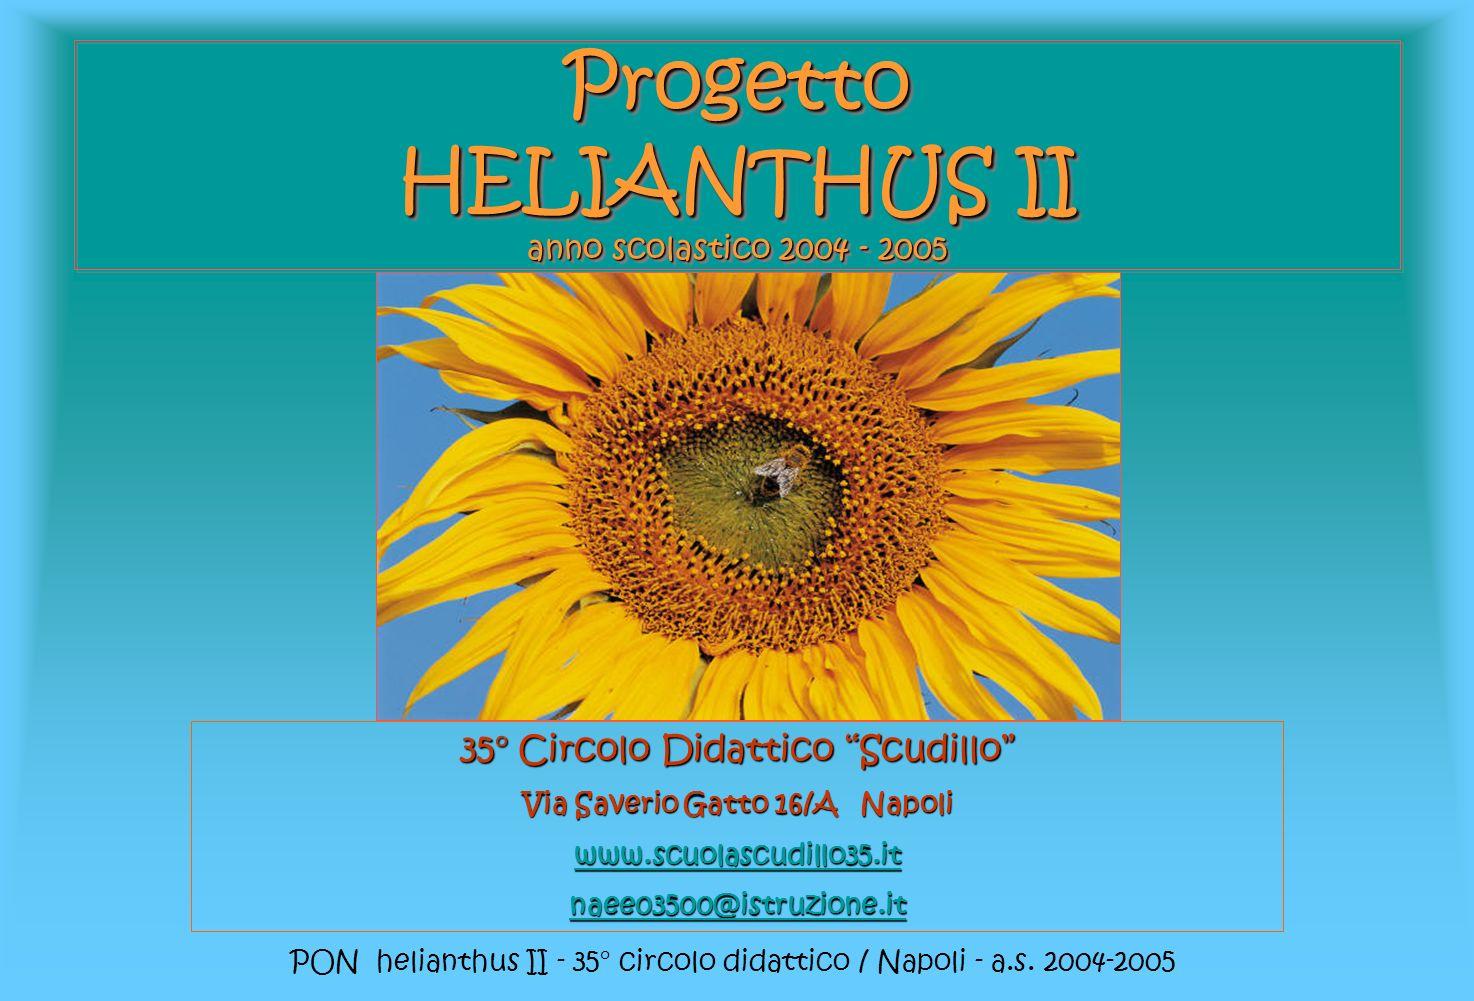 PON helianthus II - 35° circolo didattico / Napoli - a.s. 2004-2005 Progetto HELIANTHUS II anno scolastico 2004 - 2005 35° Circolo Didattico Scudillo